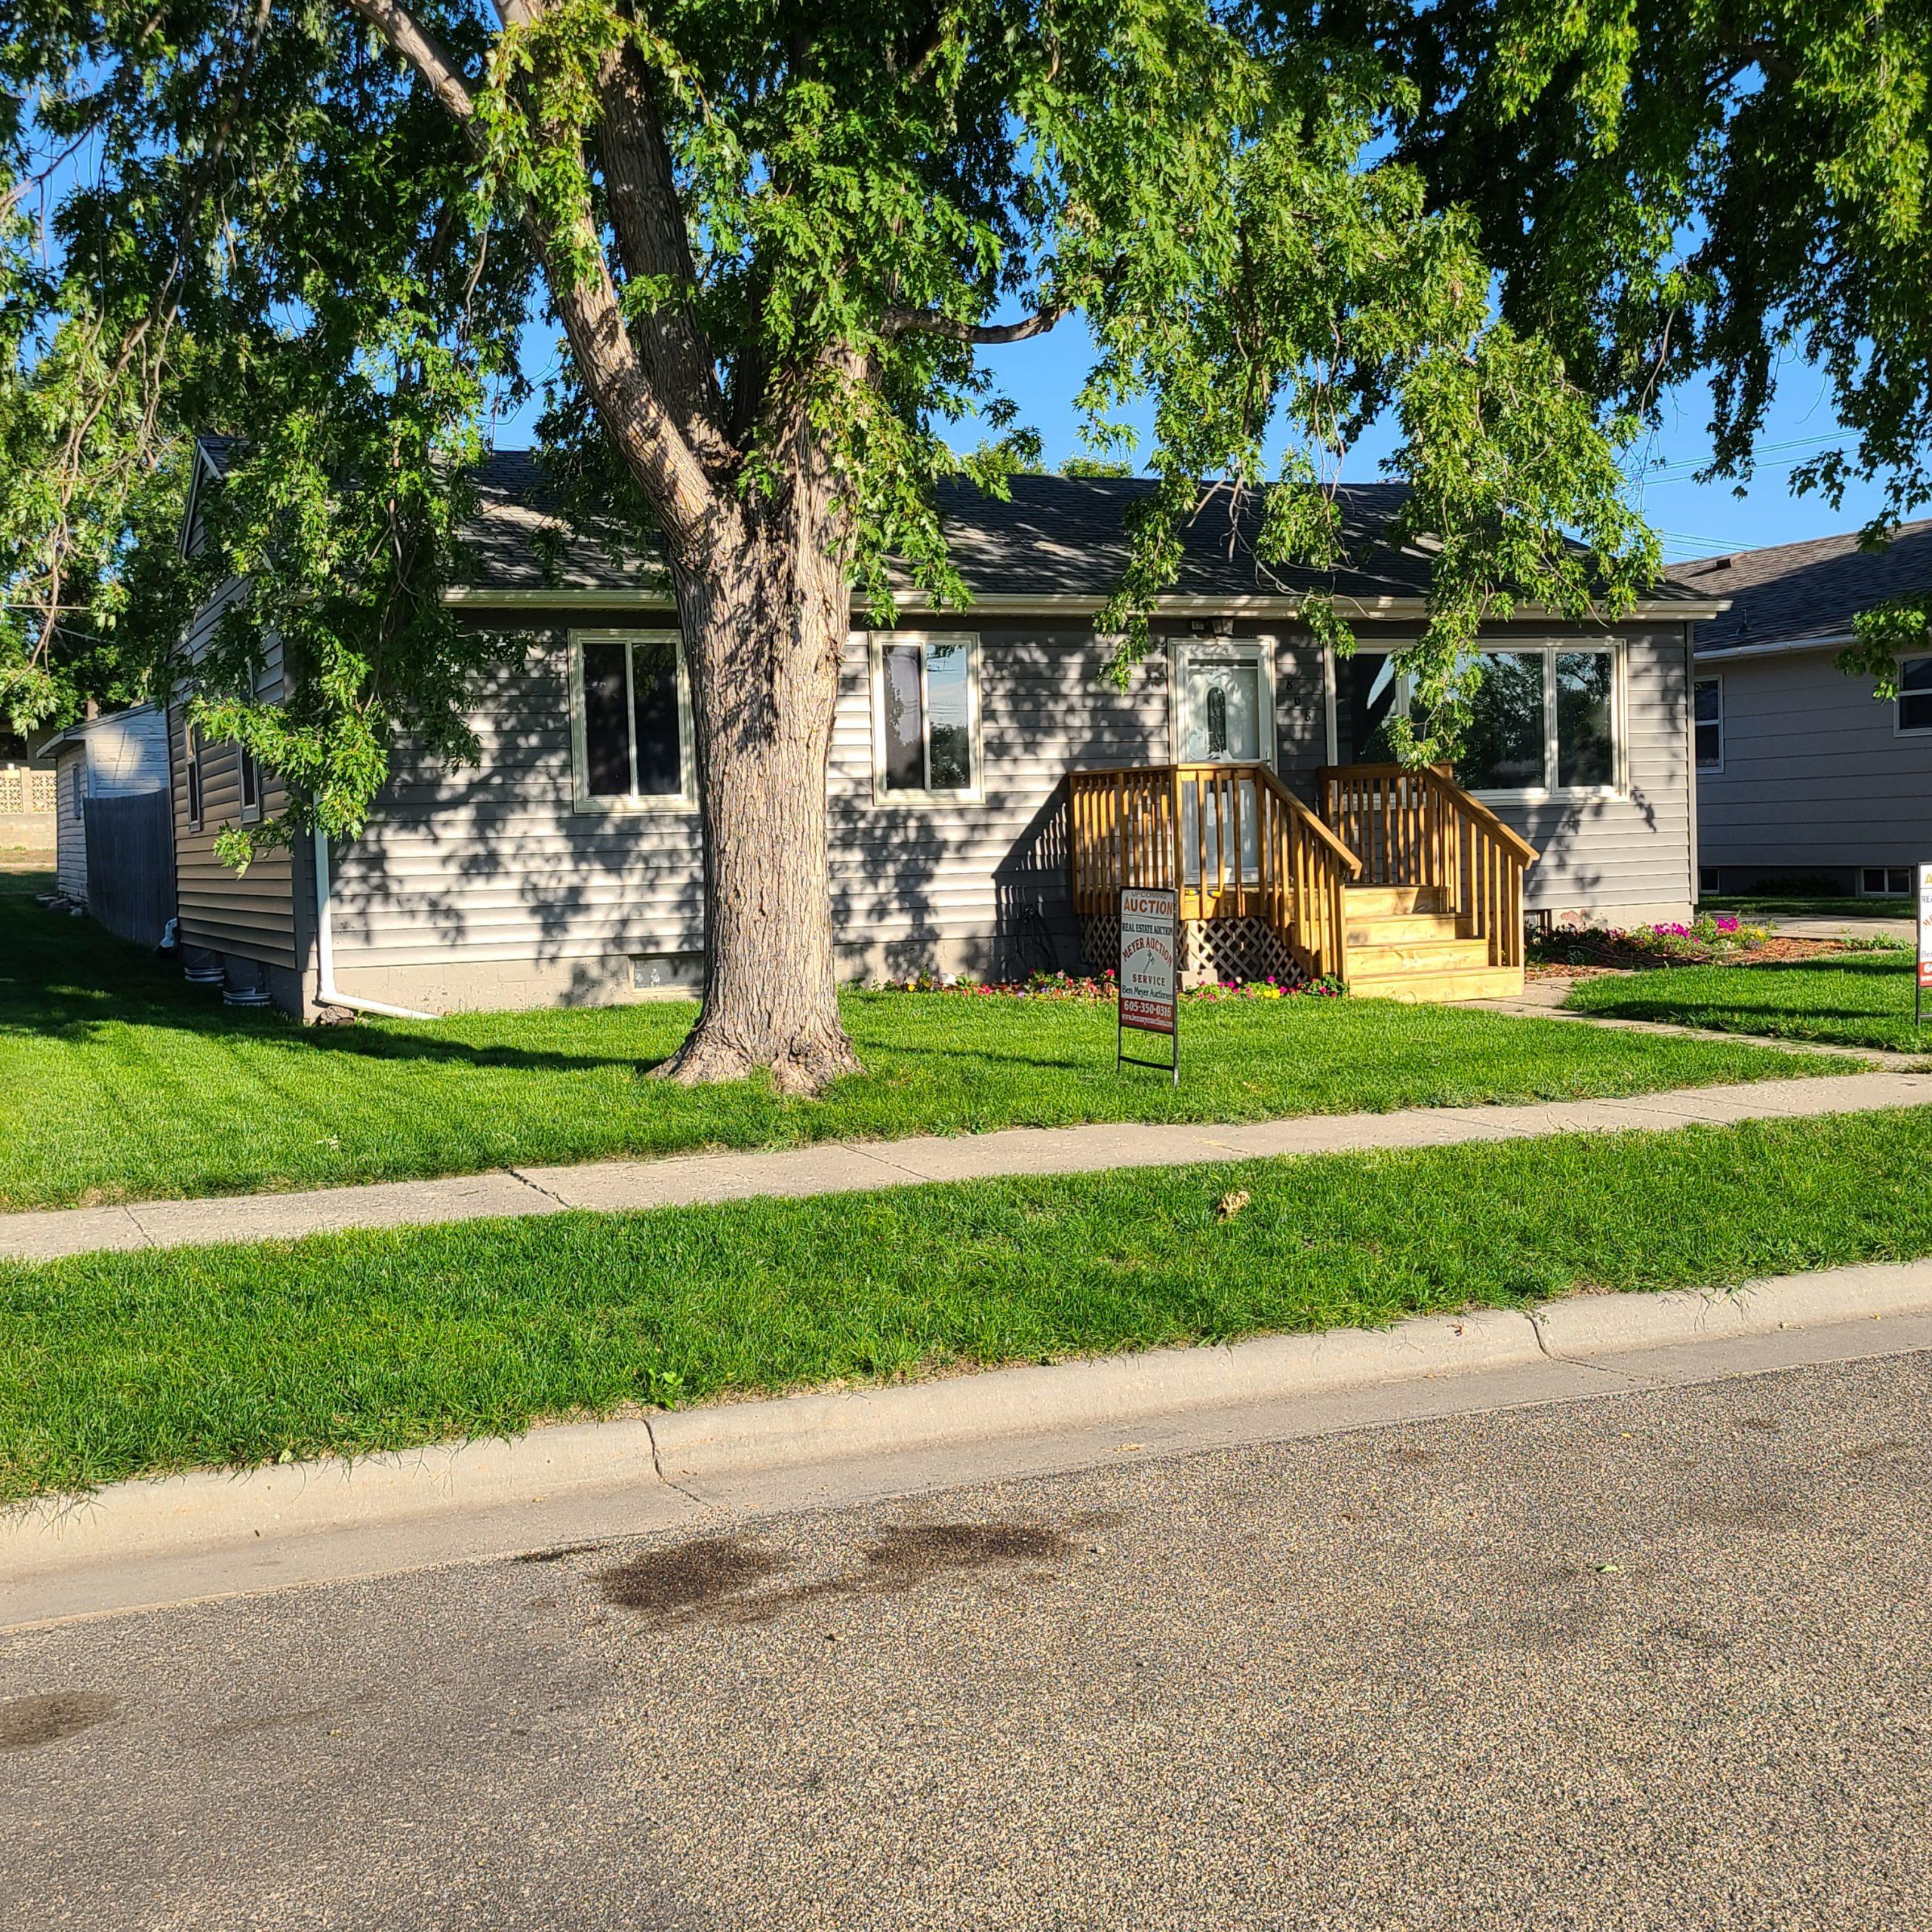 10/22 Mobridge SD House Auction